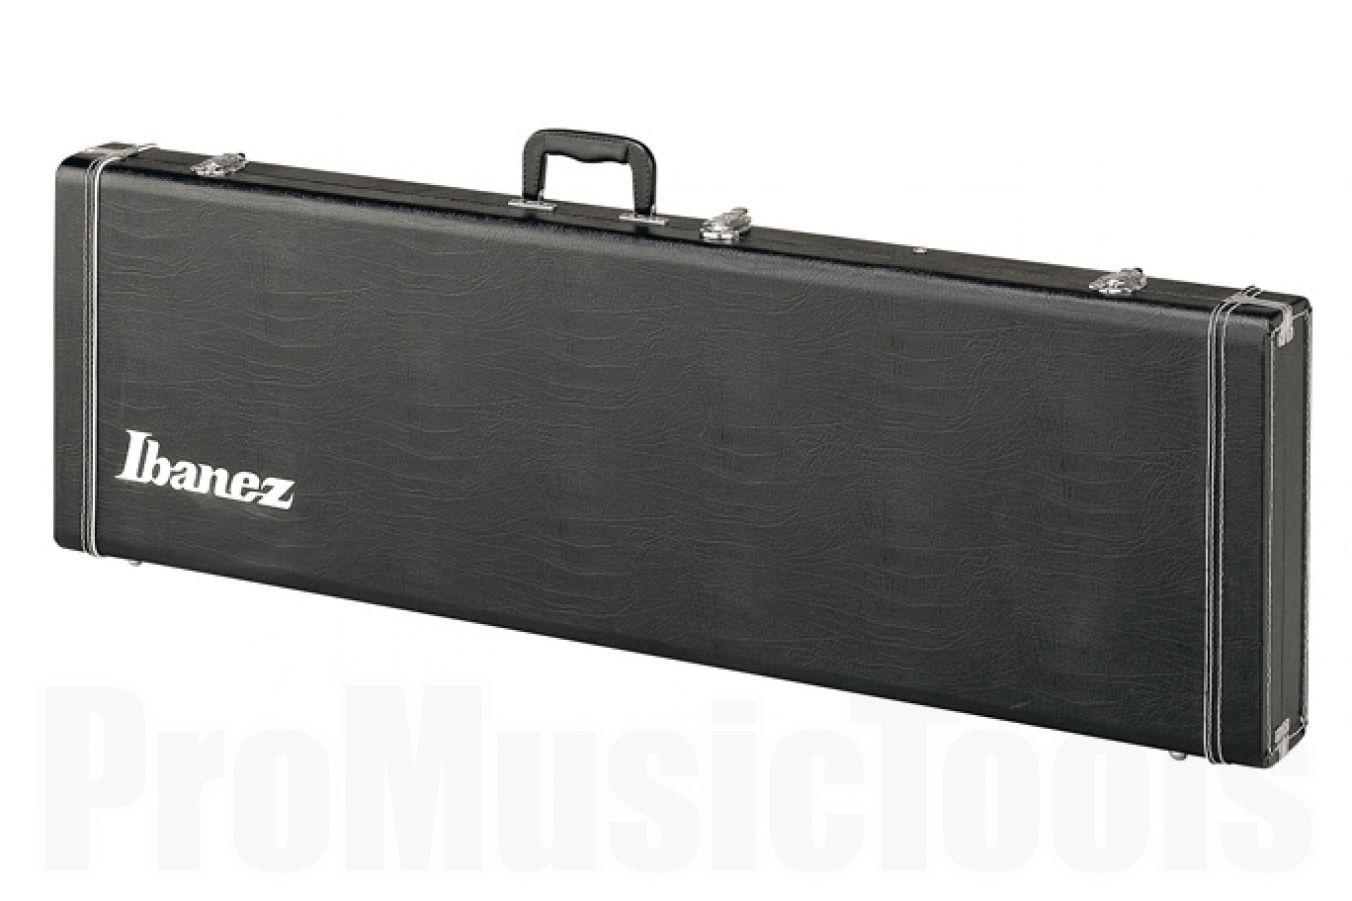 Ibanez W50SZR Wooden Case for SZR